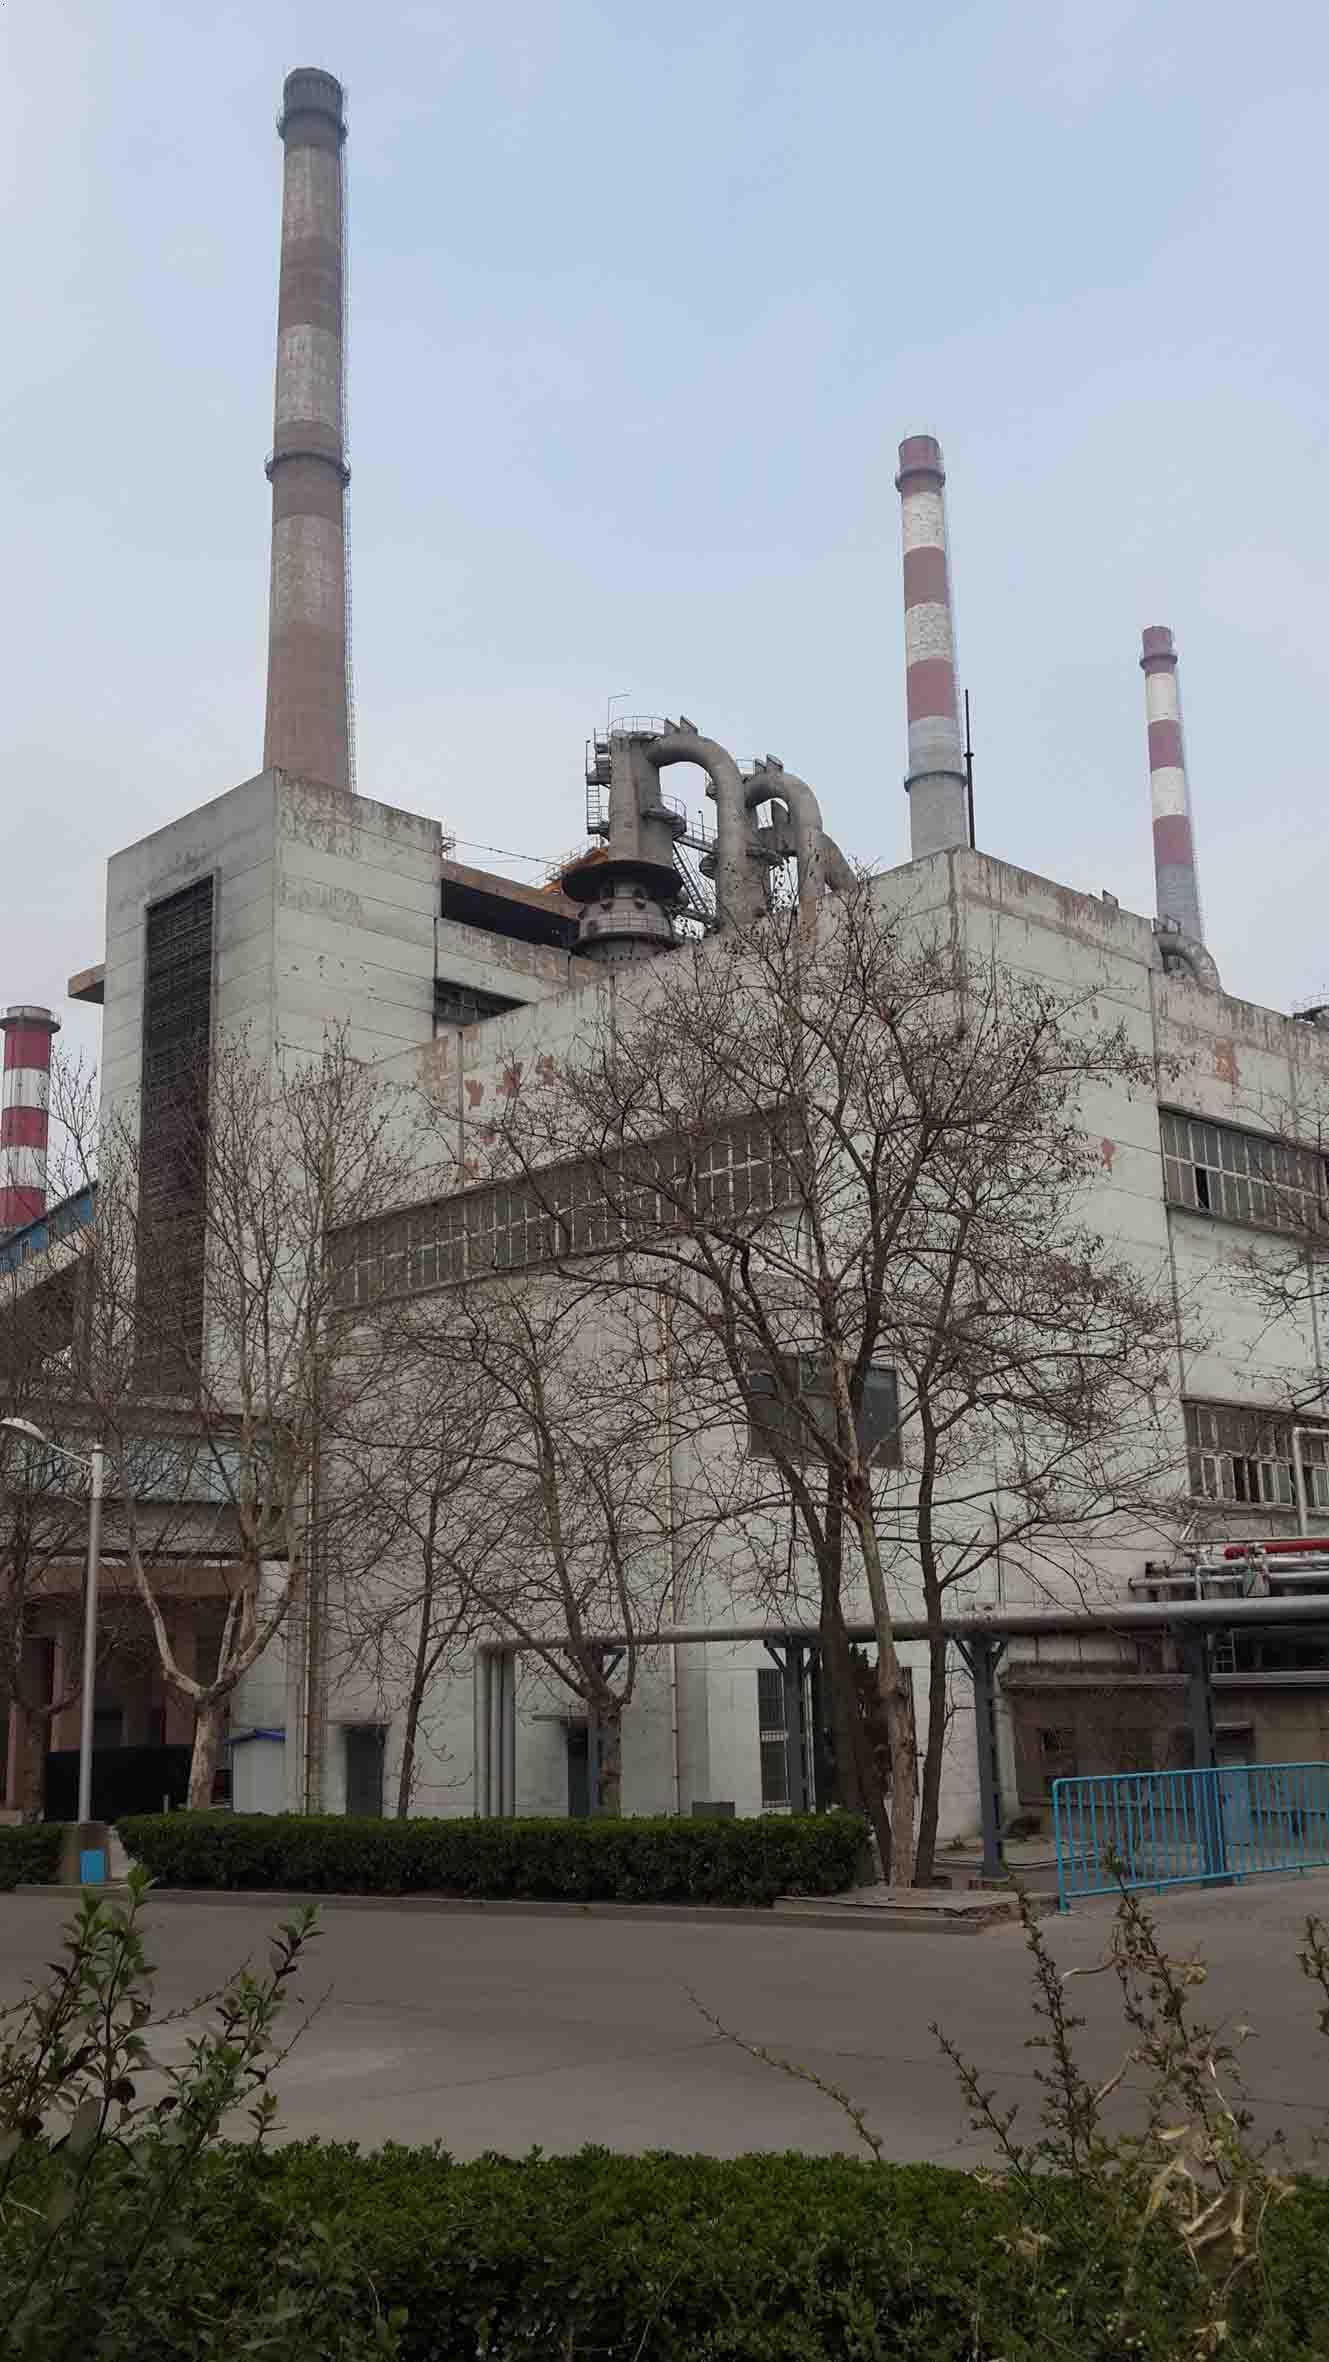 齐鲁石化自备电厂